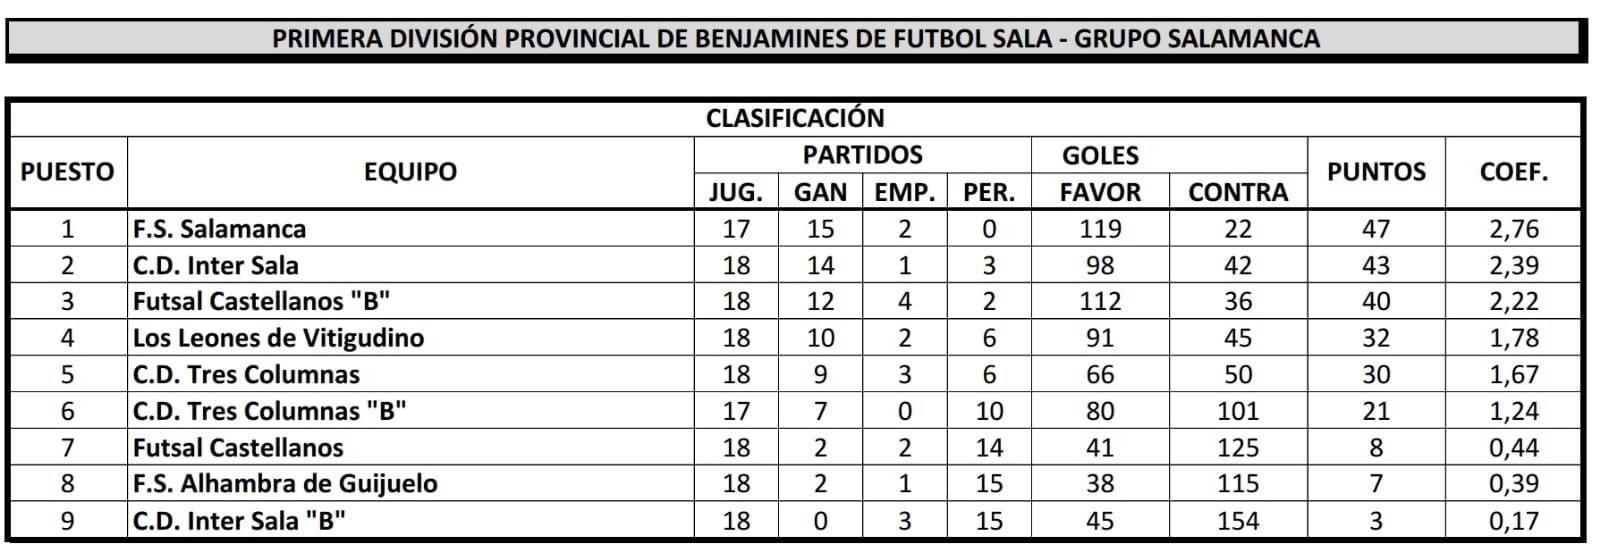 clasificación primera division provincial benjamin salamanca